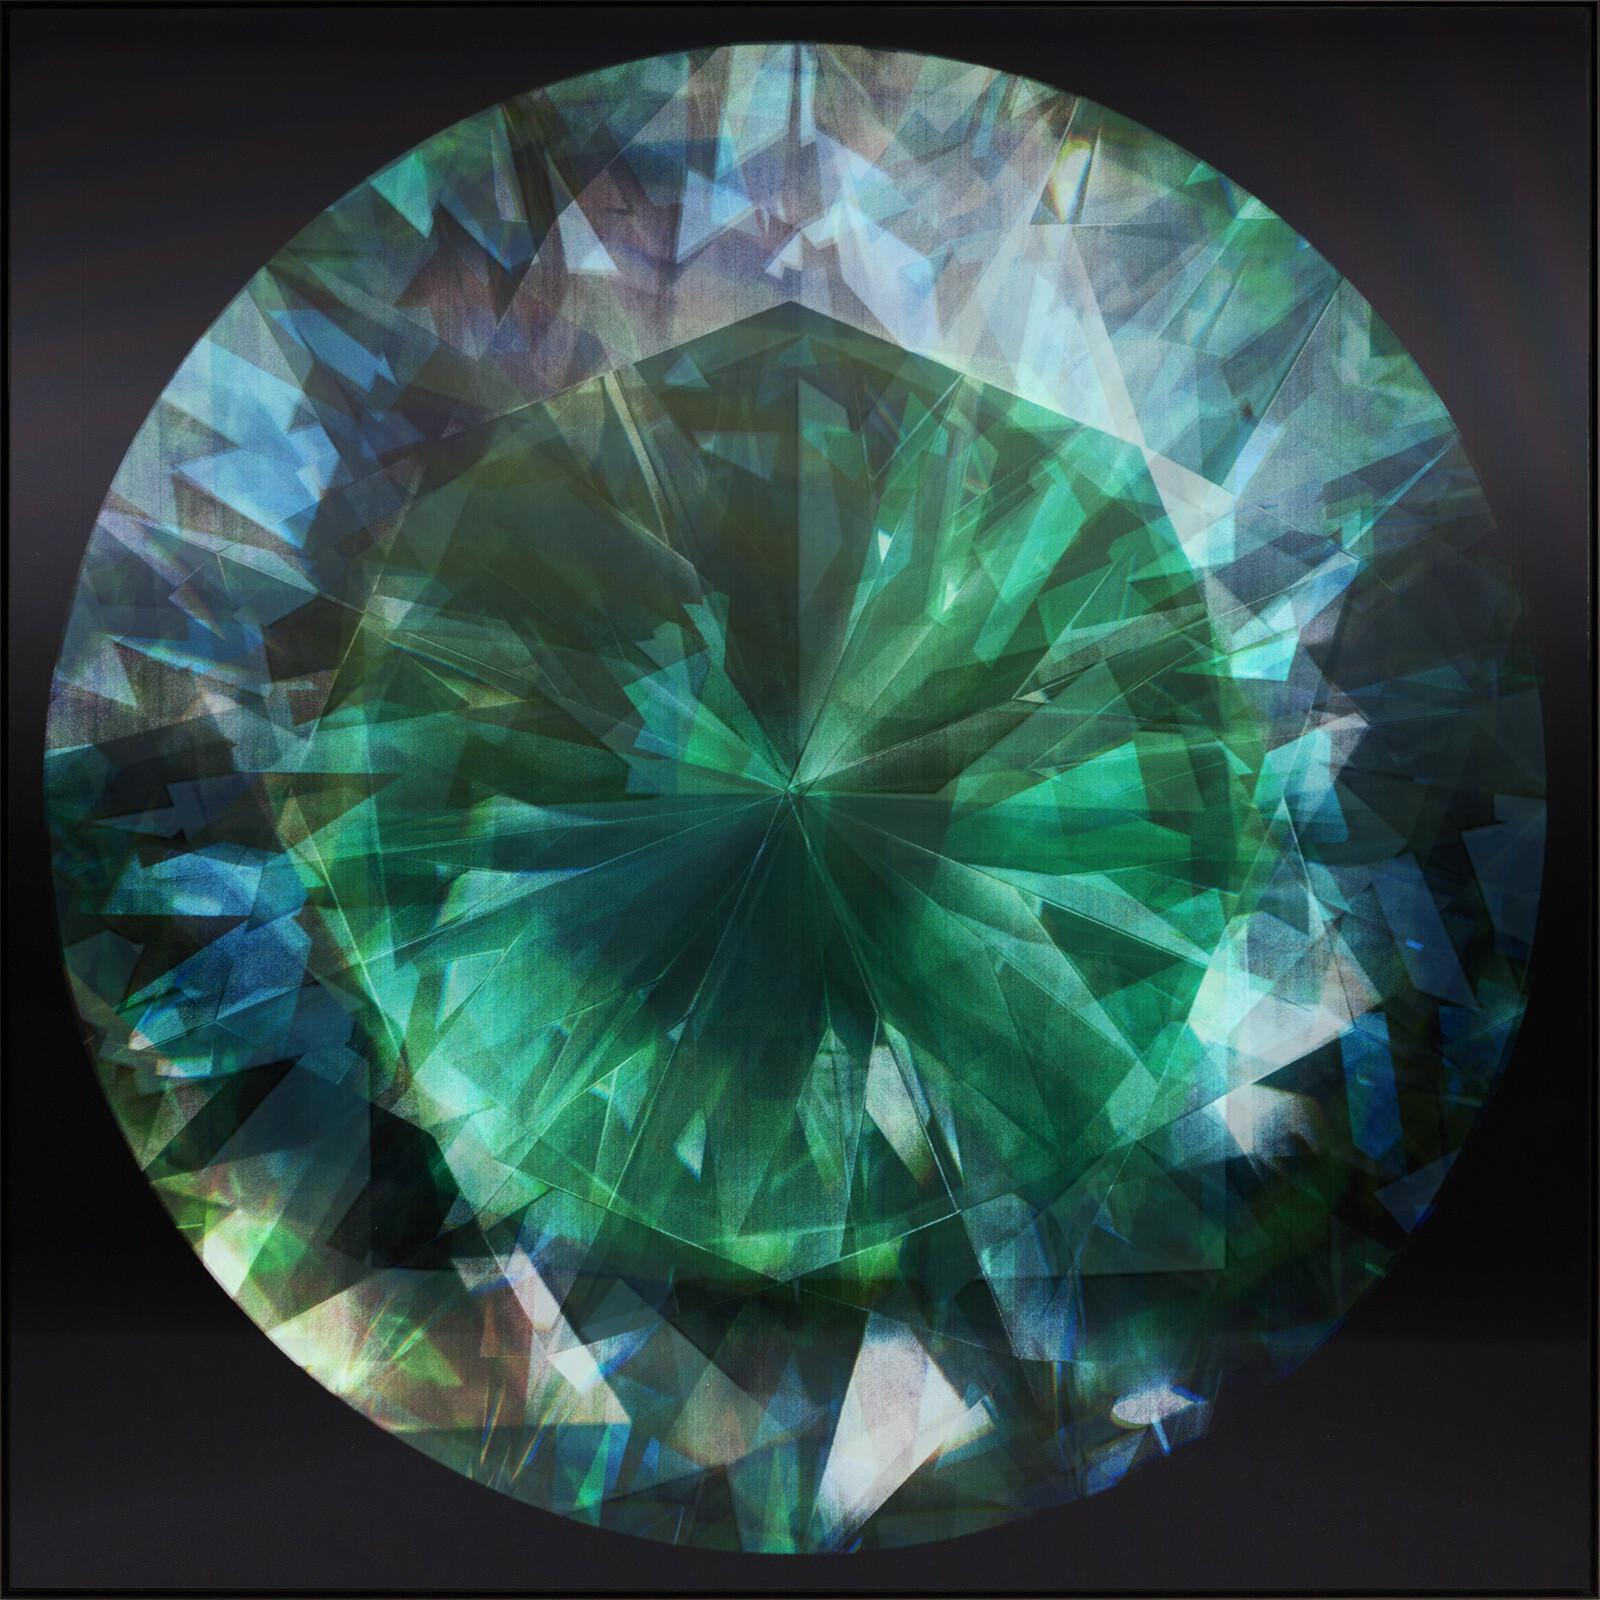 Green Dresden - Anton Sparx